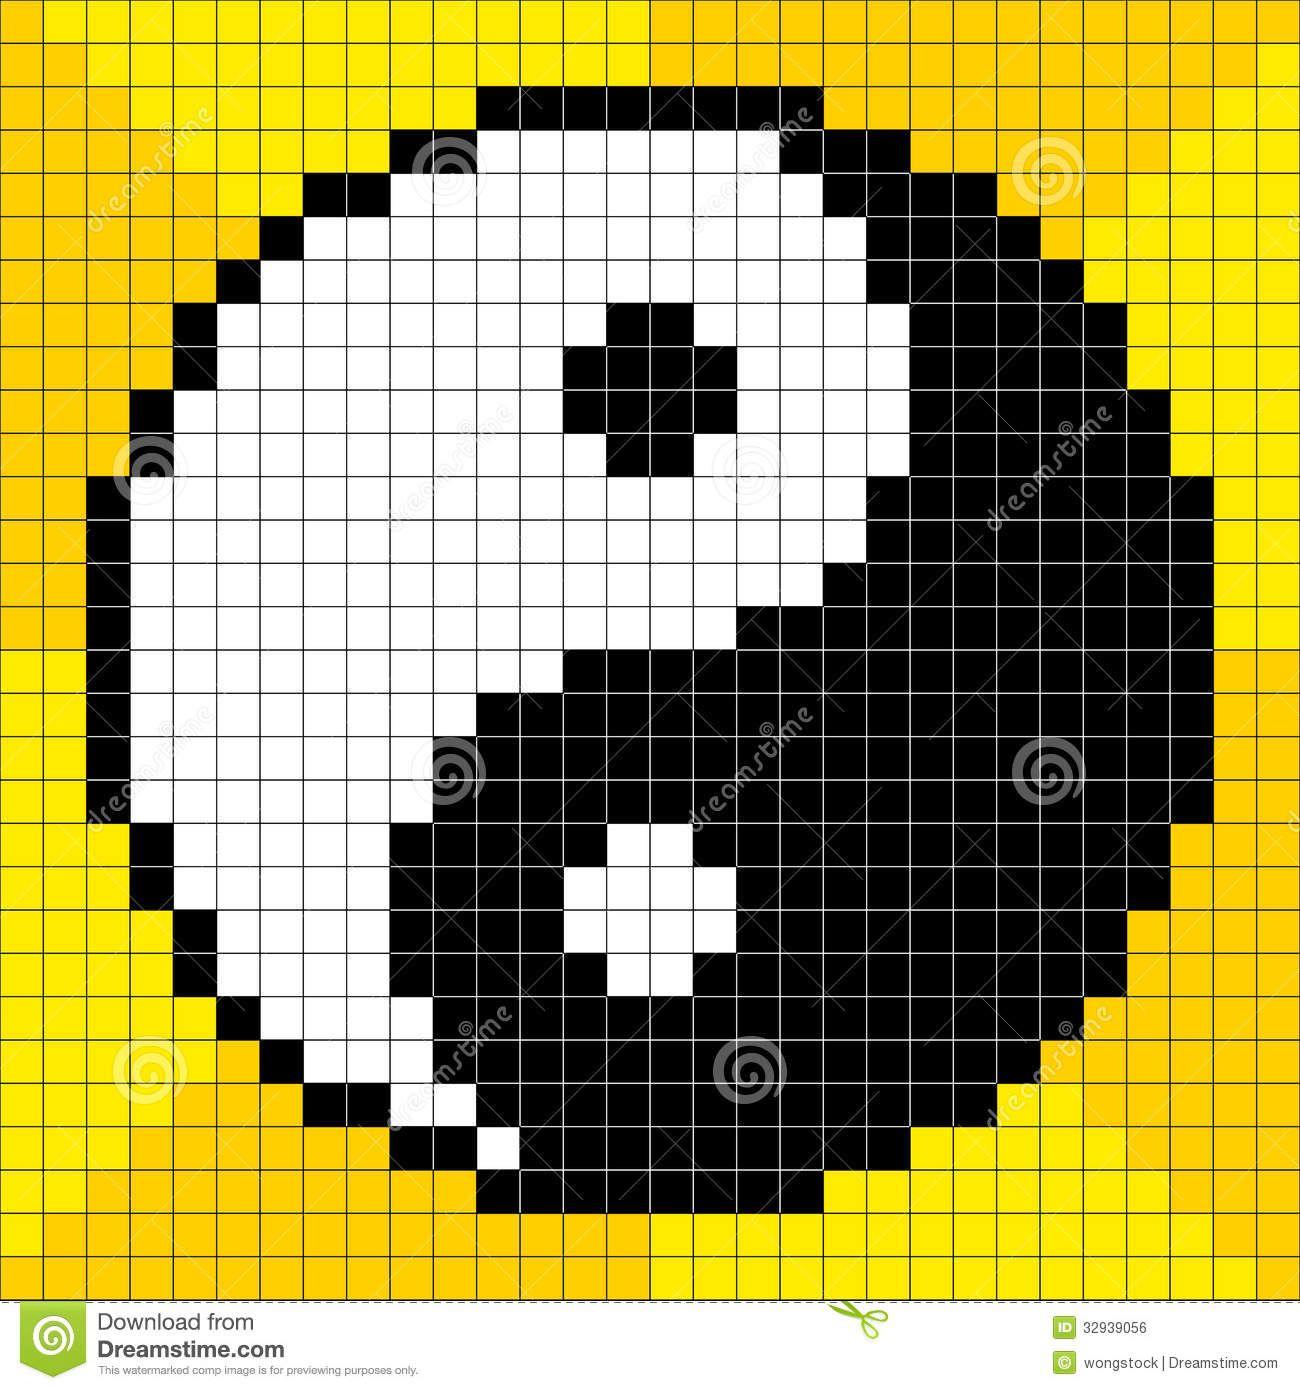 8-bit Pixel-art Yin Yang Symbol Royalty Free Stock Image - Image ...